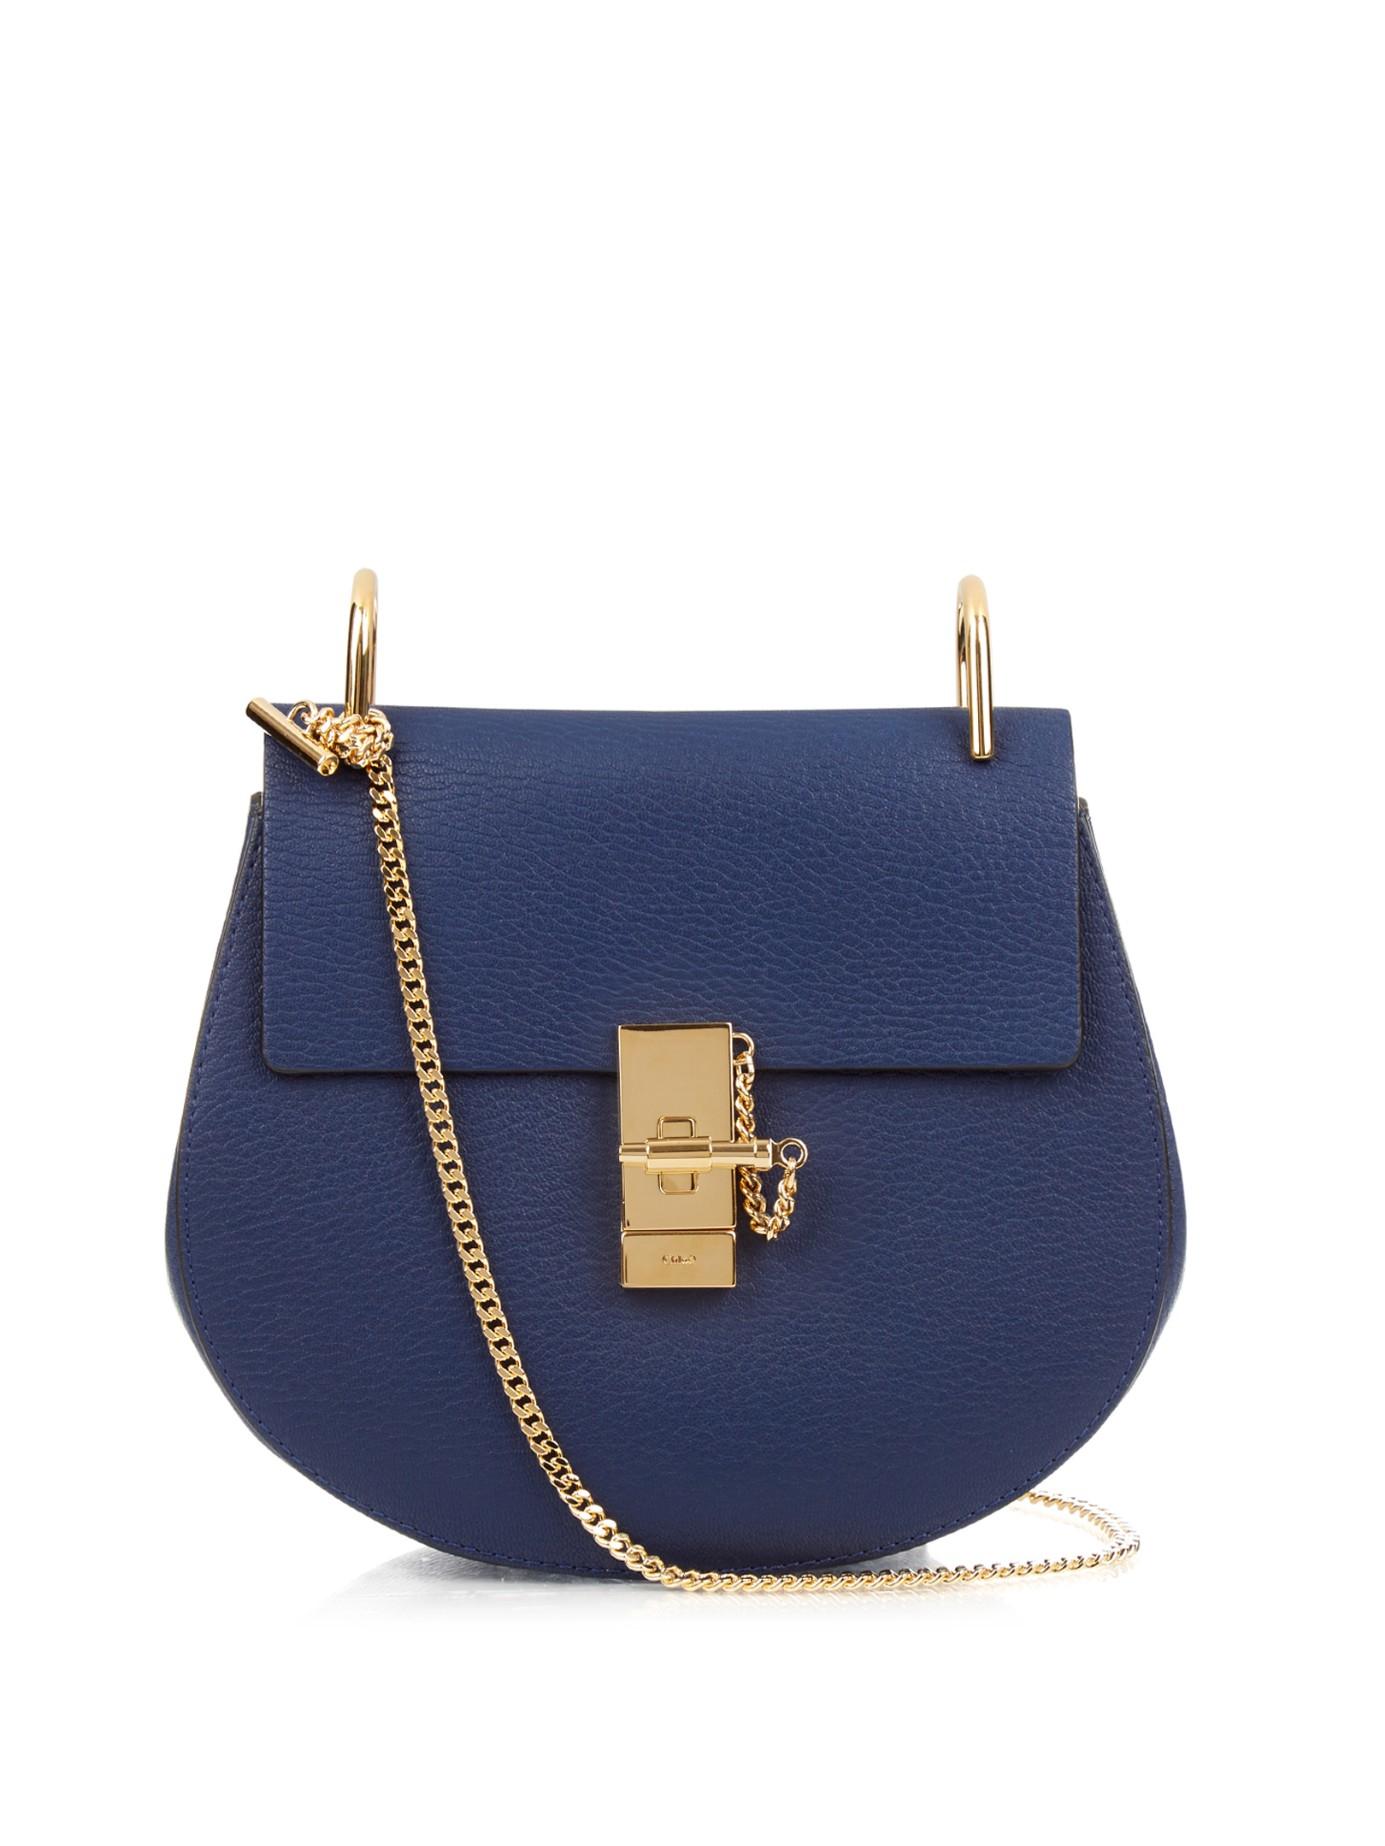 chlo drew small leather shoulder bag in blue lyst. Black Bedroom Furniture Sets. Home Design Ideas